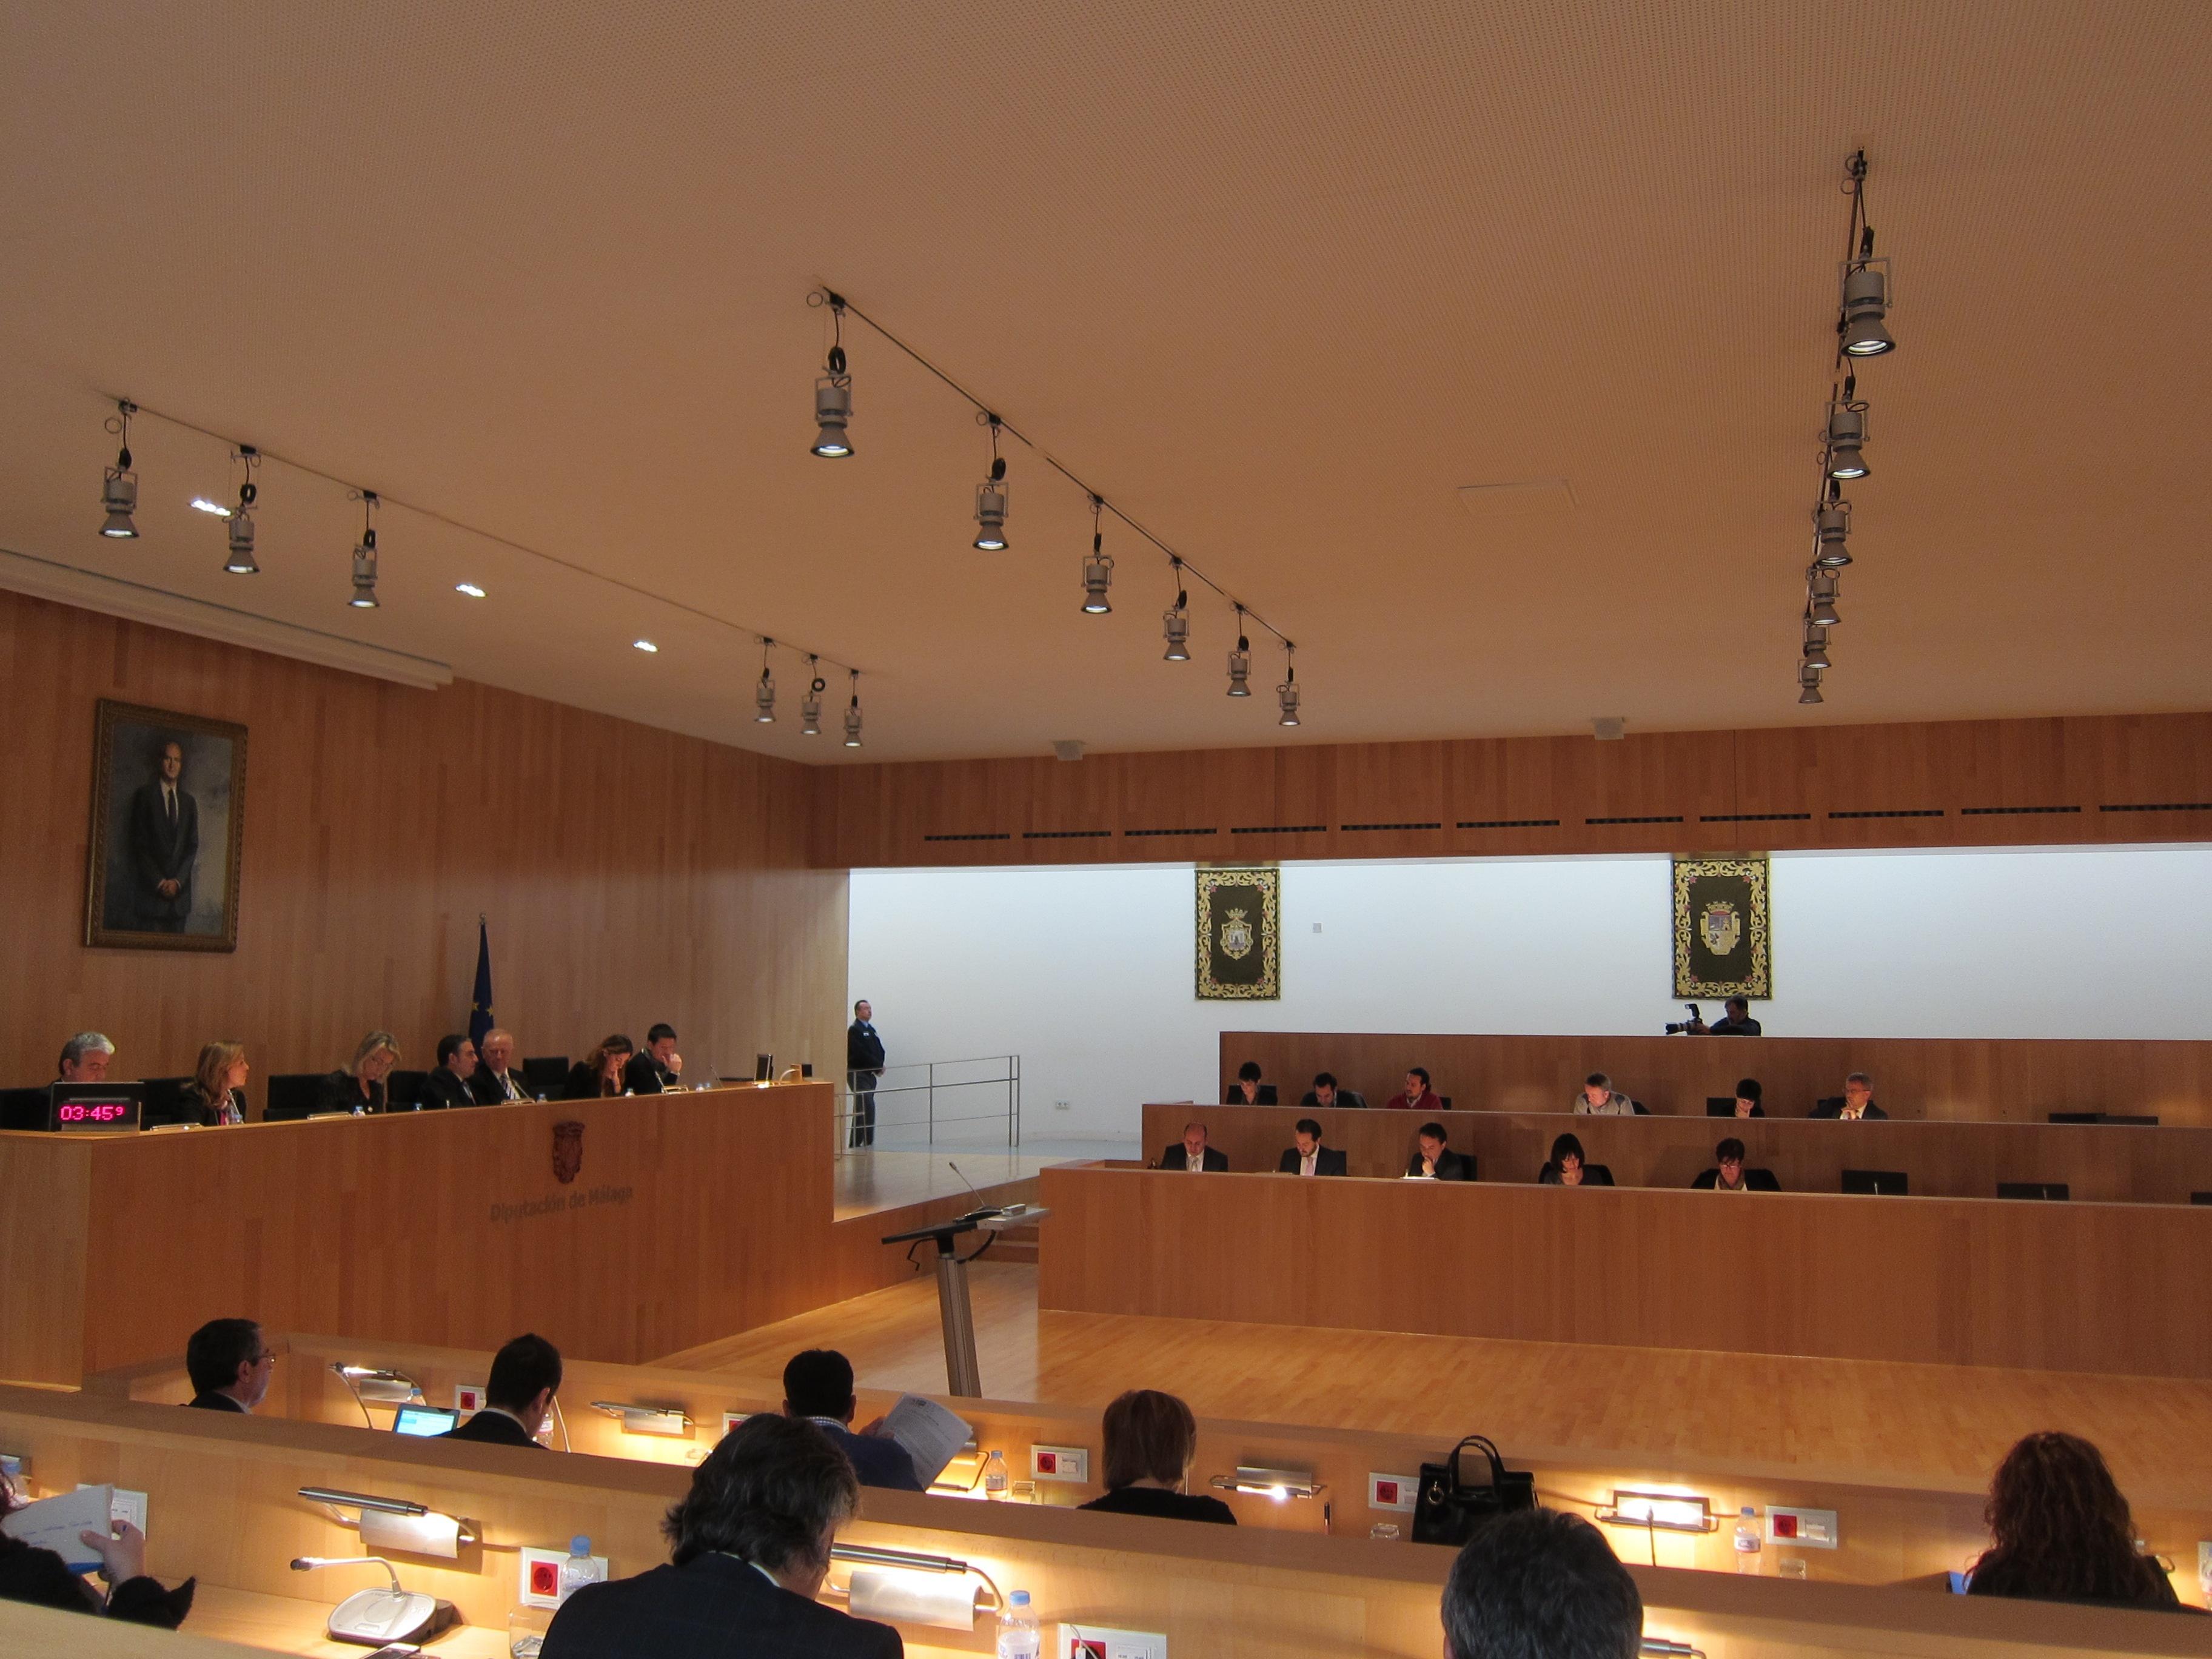 La Diputación transfiere 67,5 millones de euros a los municipios en 2013, según un informe del interventor